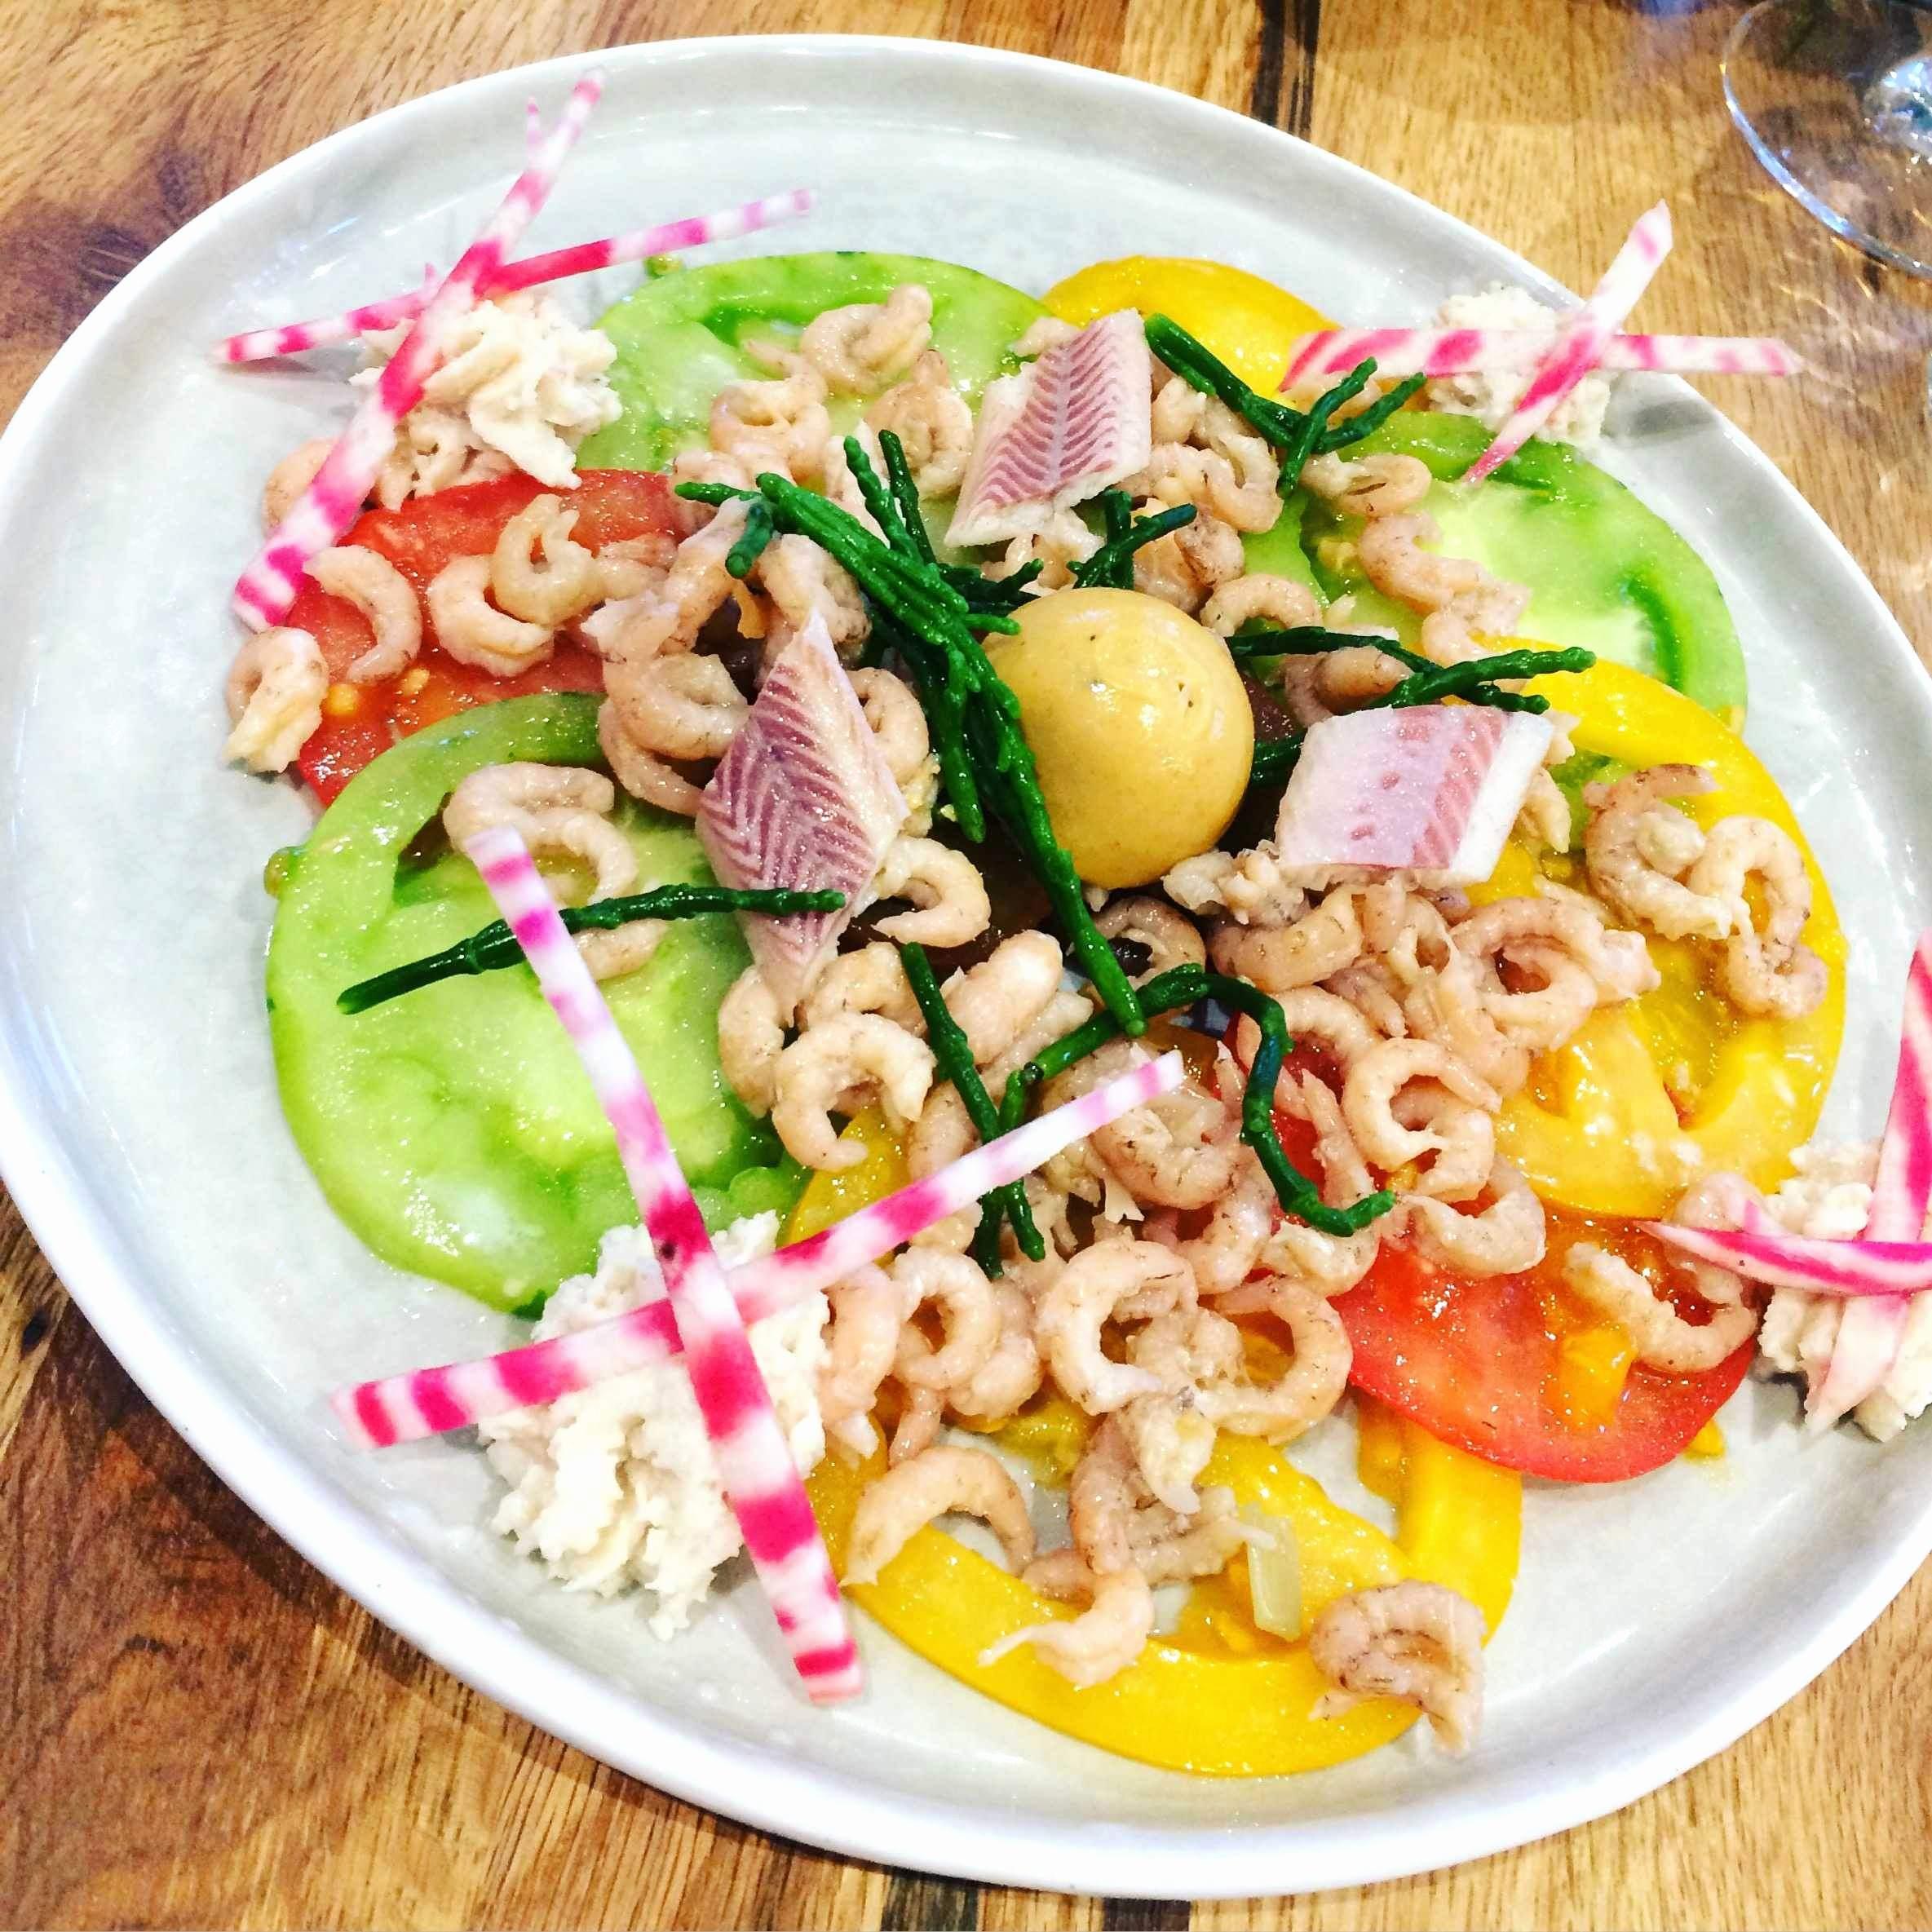 Jeux De Sara Cuisine Meilleur De Images Jeux De Cuisine Sara Impressionnant Beau Je De Cuisine Gratuit